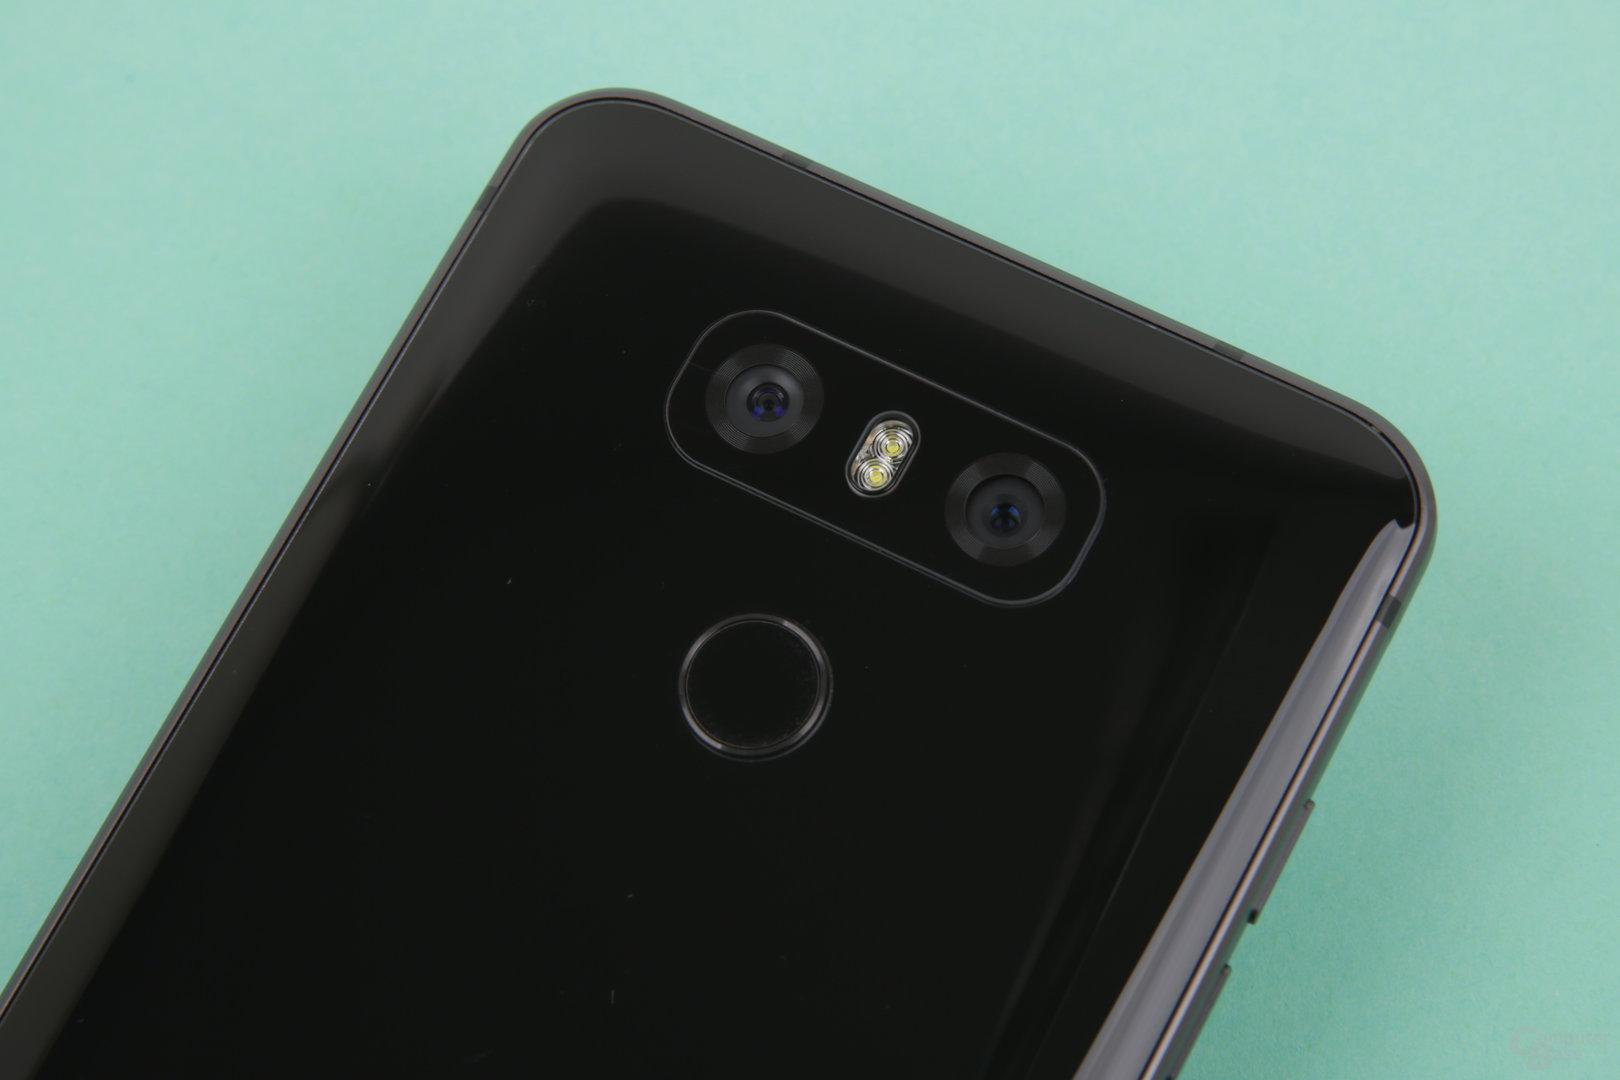 Dual-Kamera mit Weitwinkel und gut platzierter Fingerabdrucksensor